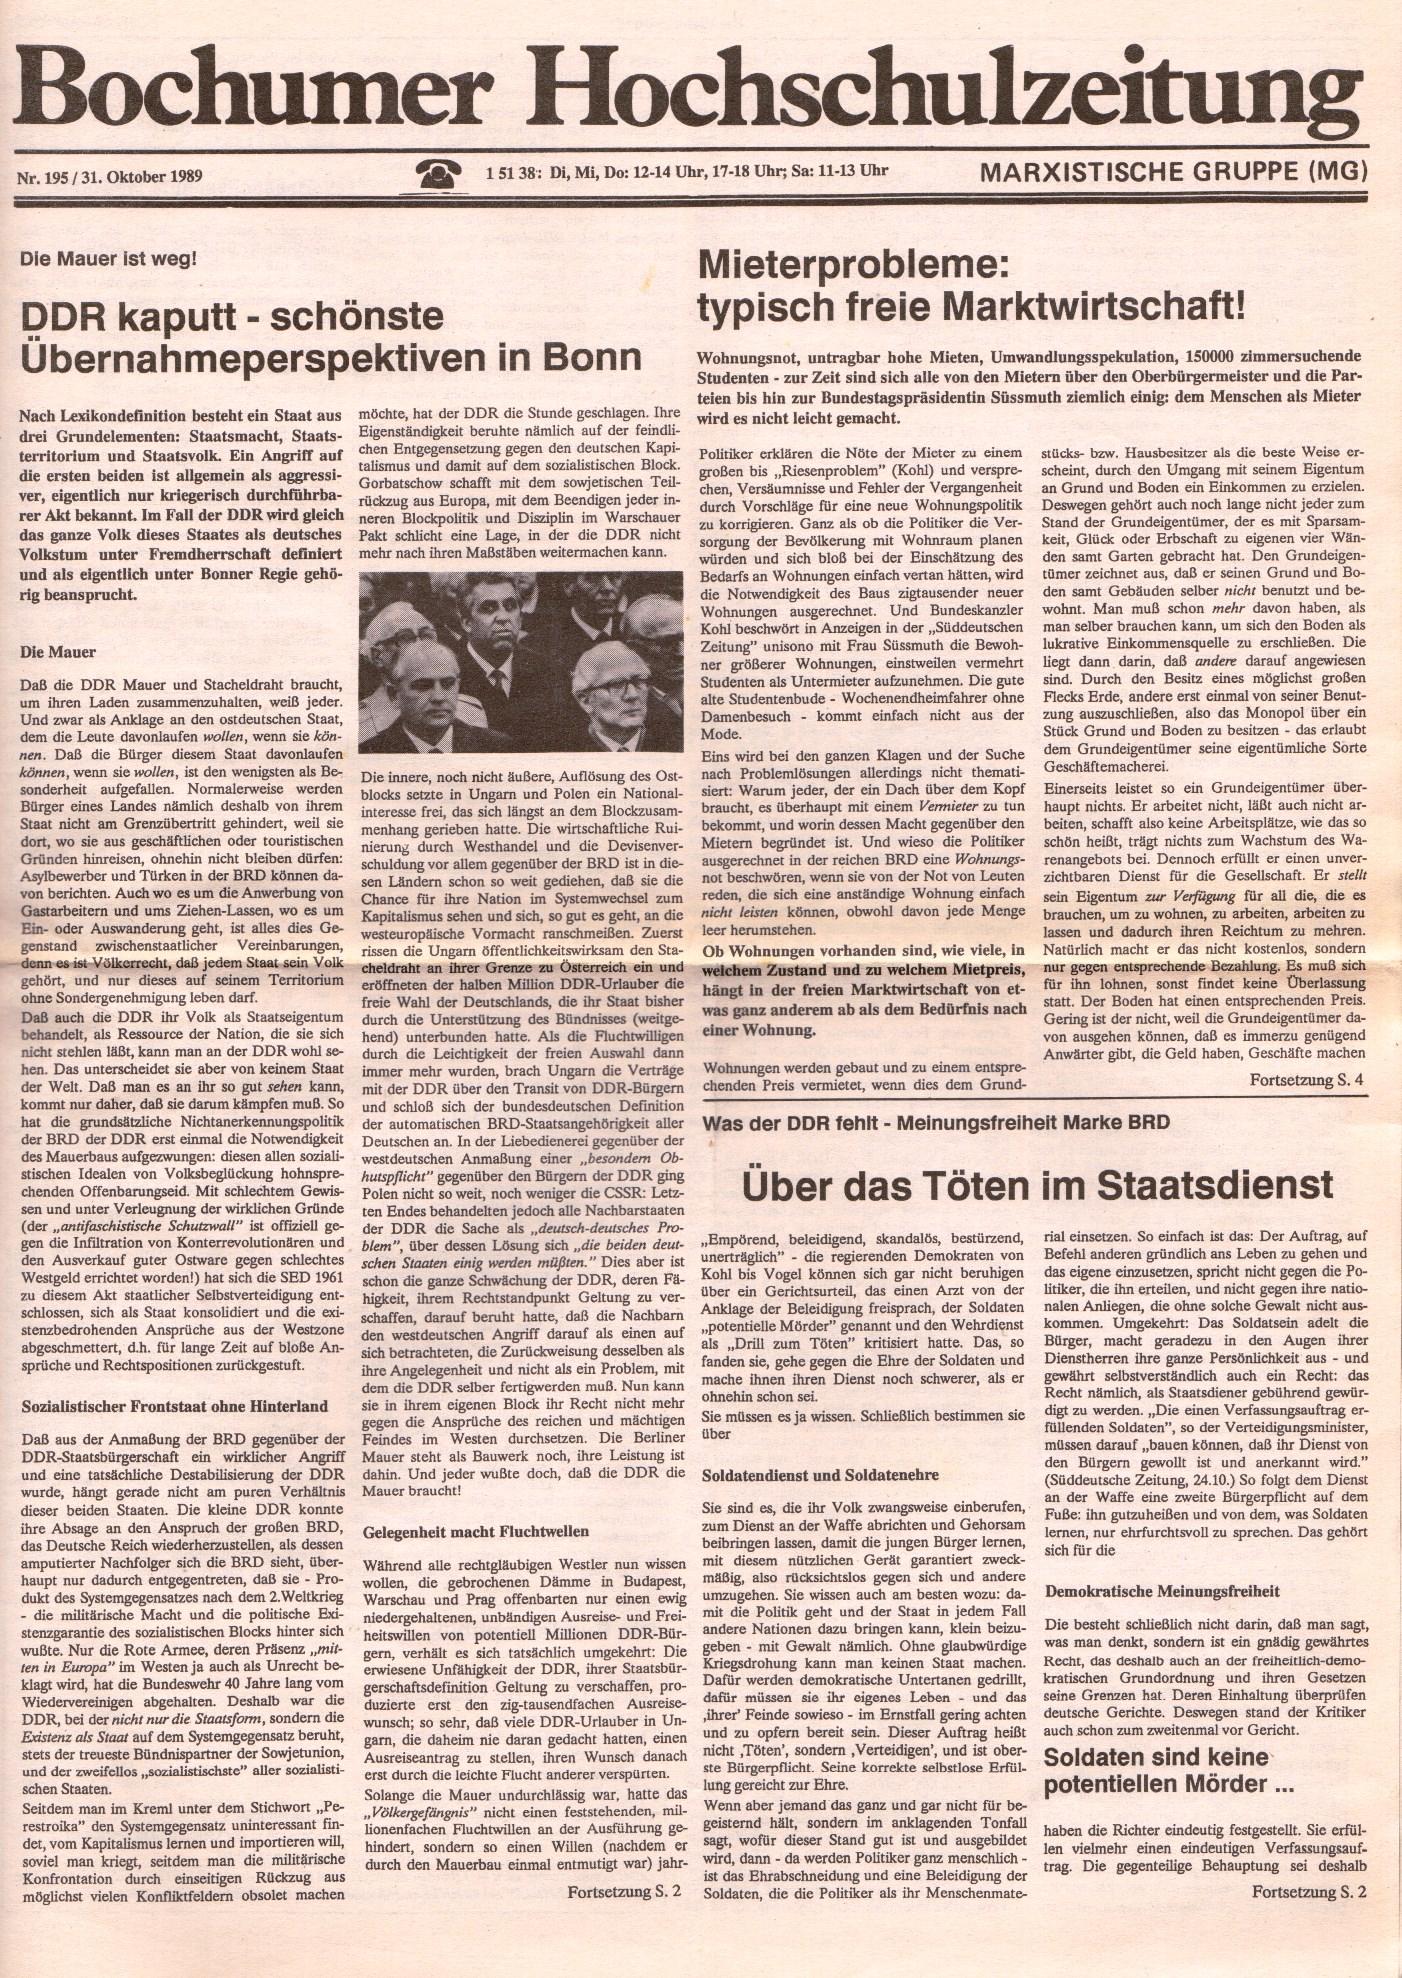 MG_Bochumer_Hochschulzeitung_19891031_01